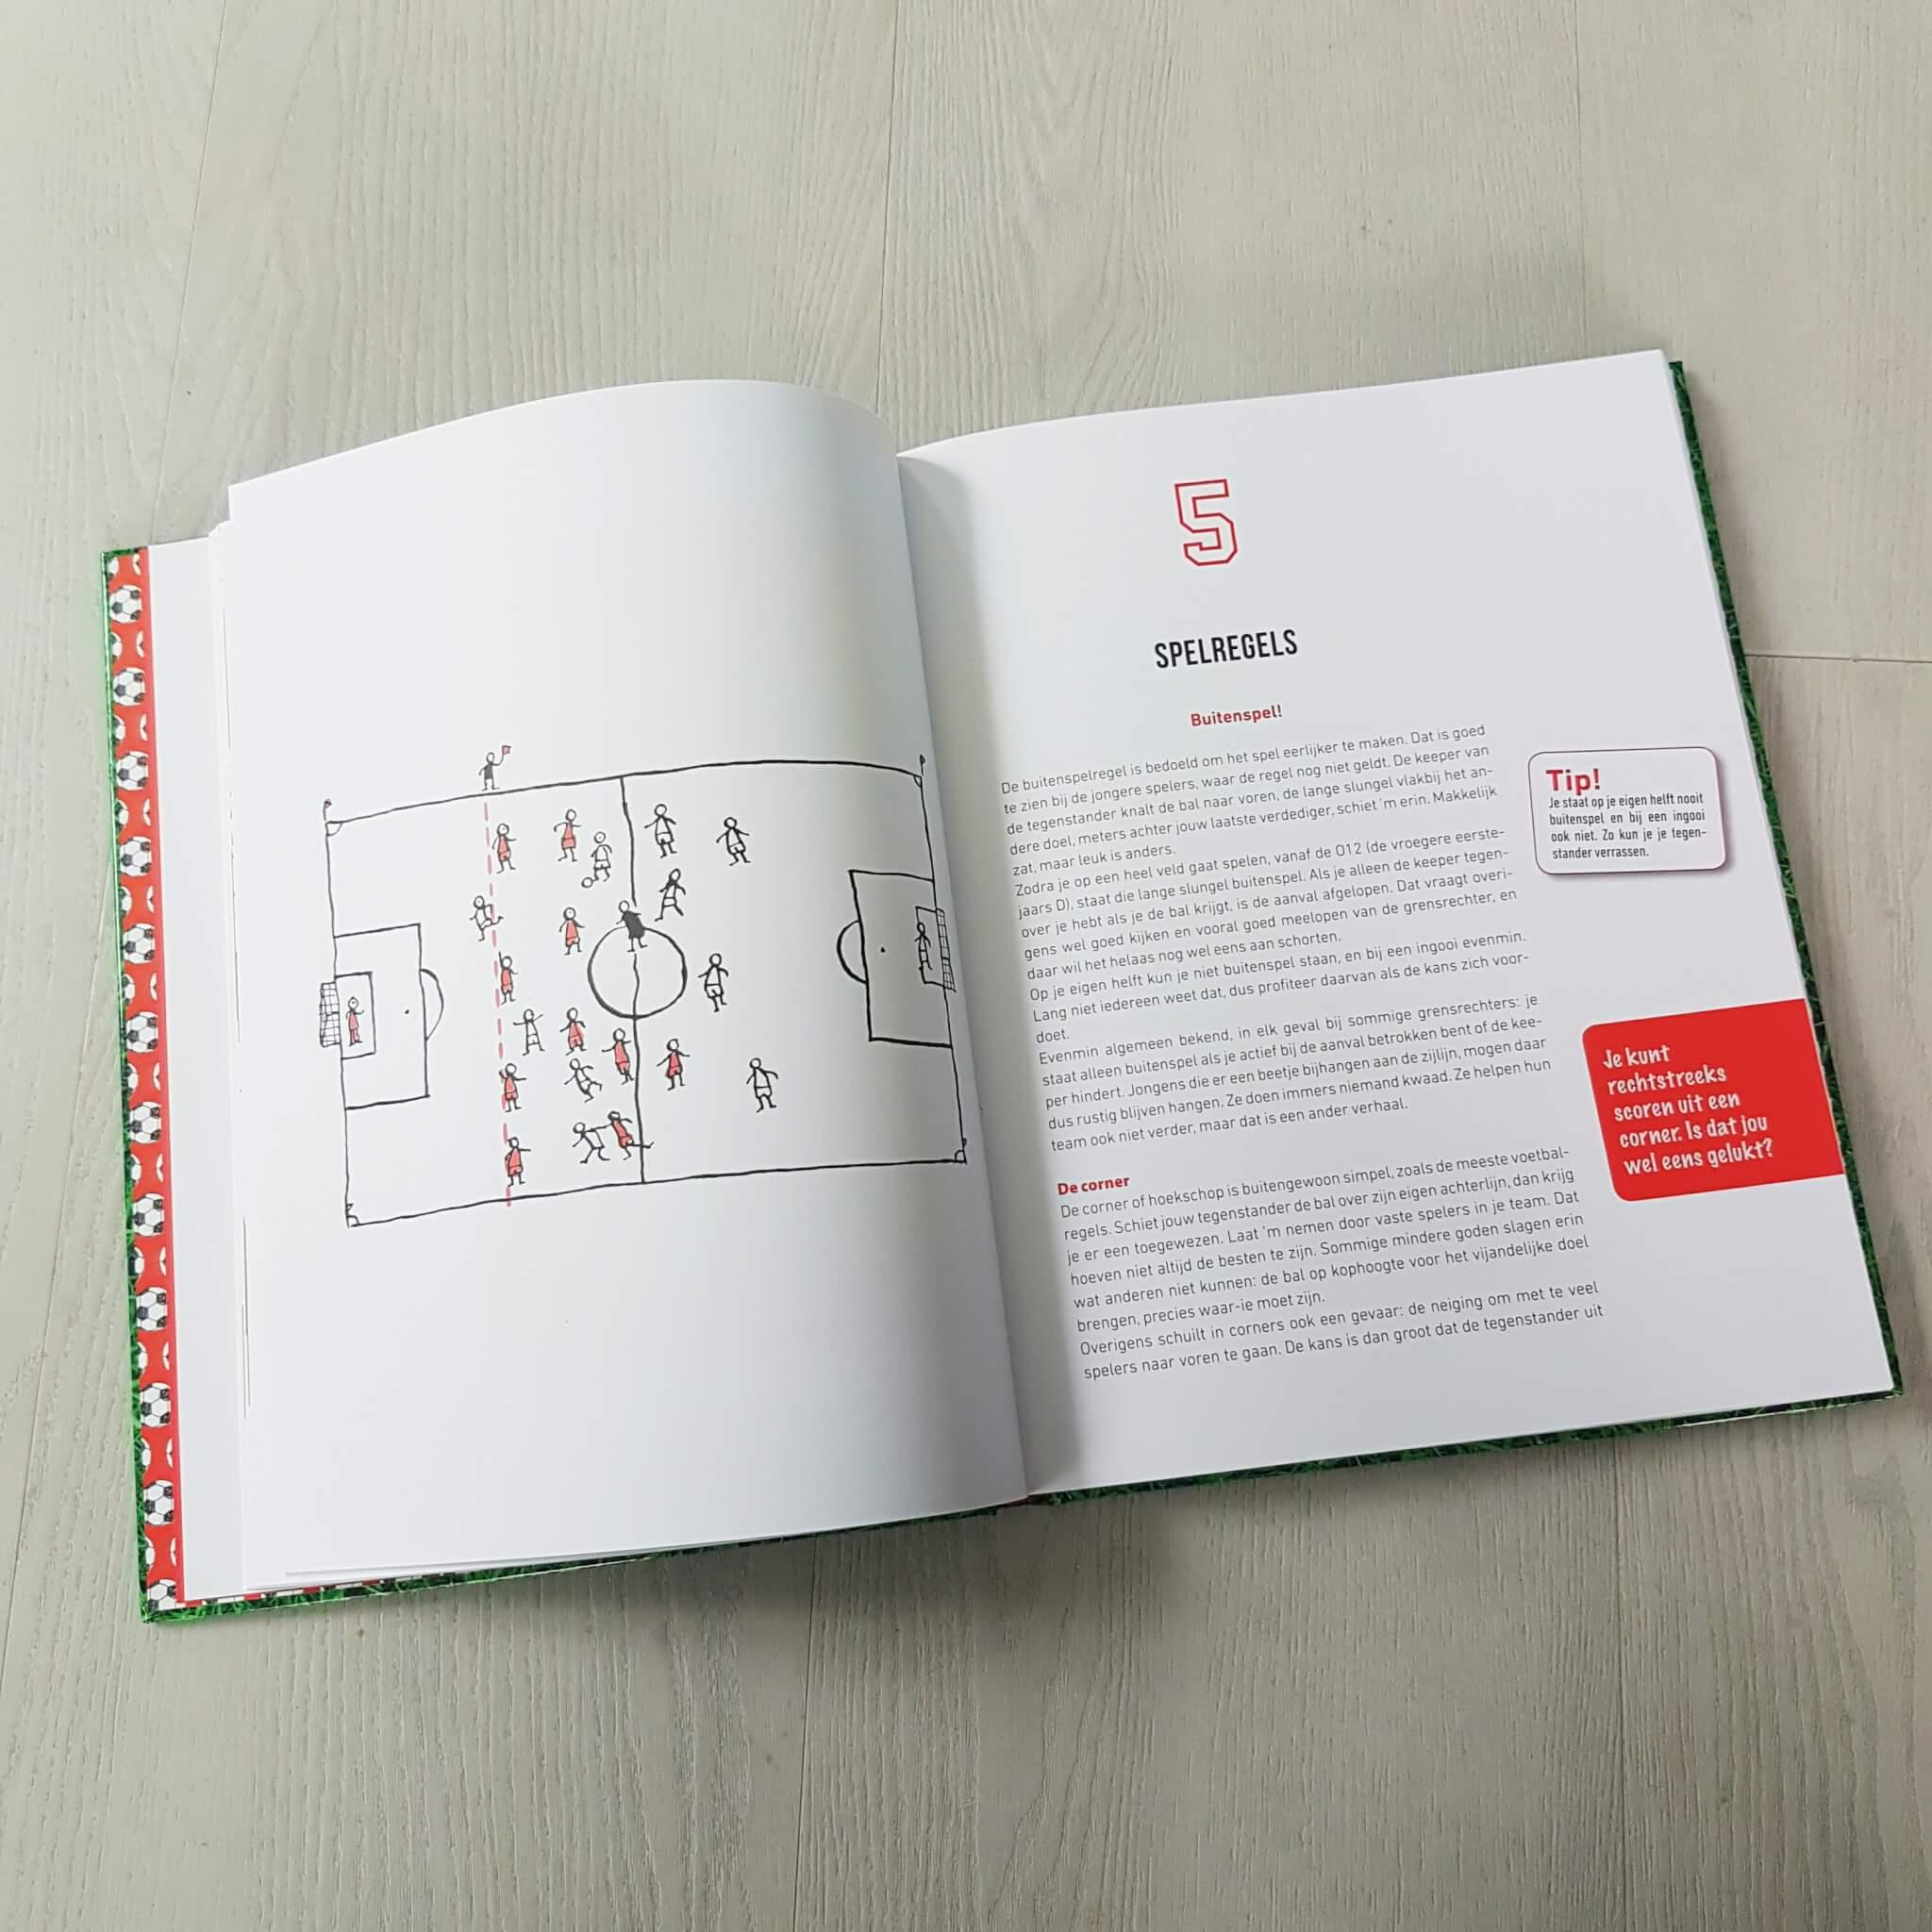 Boekentip: Het grote vaders & zonen voetbalboek